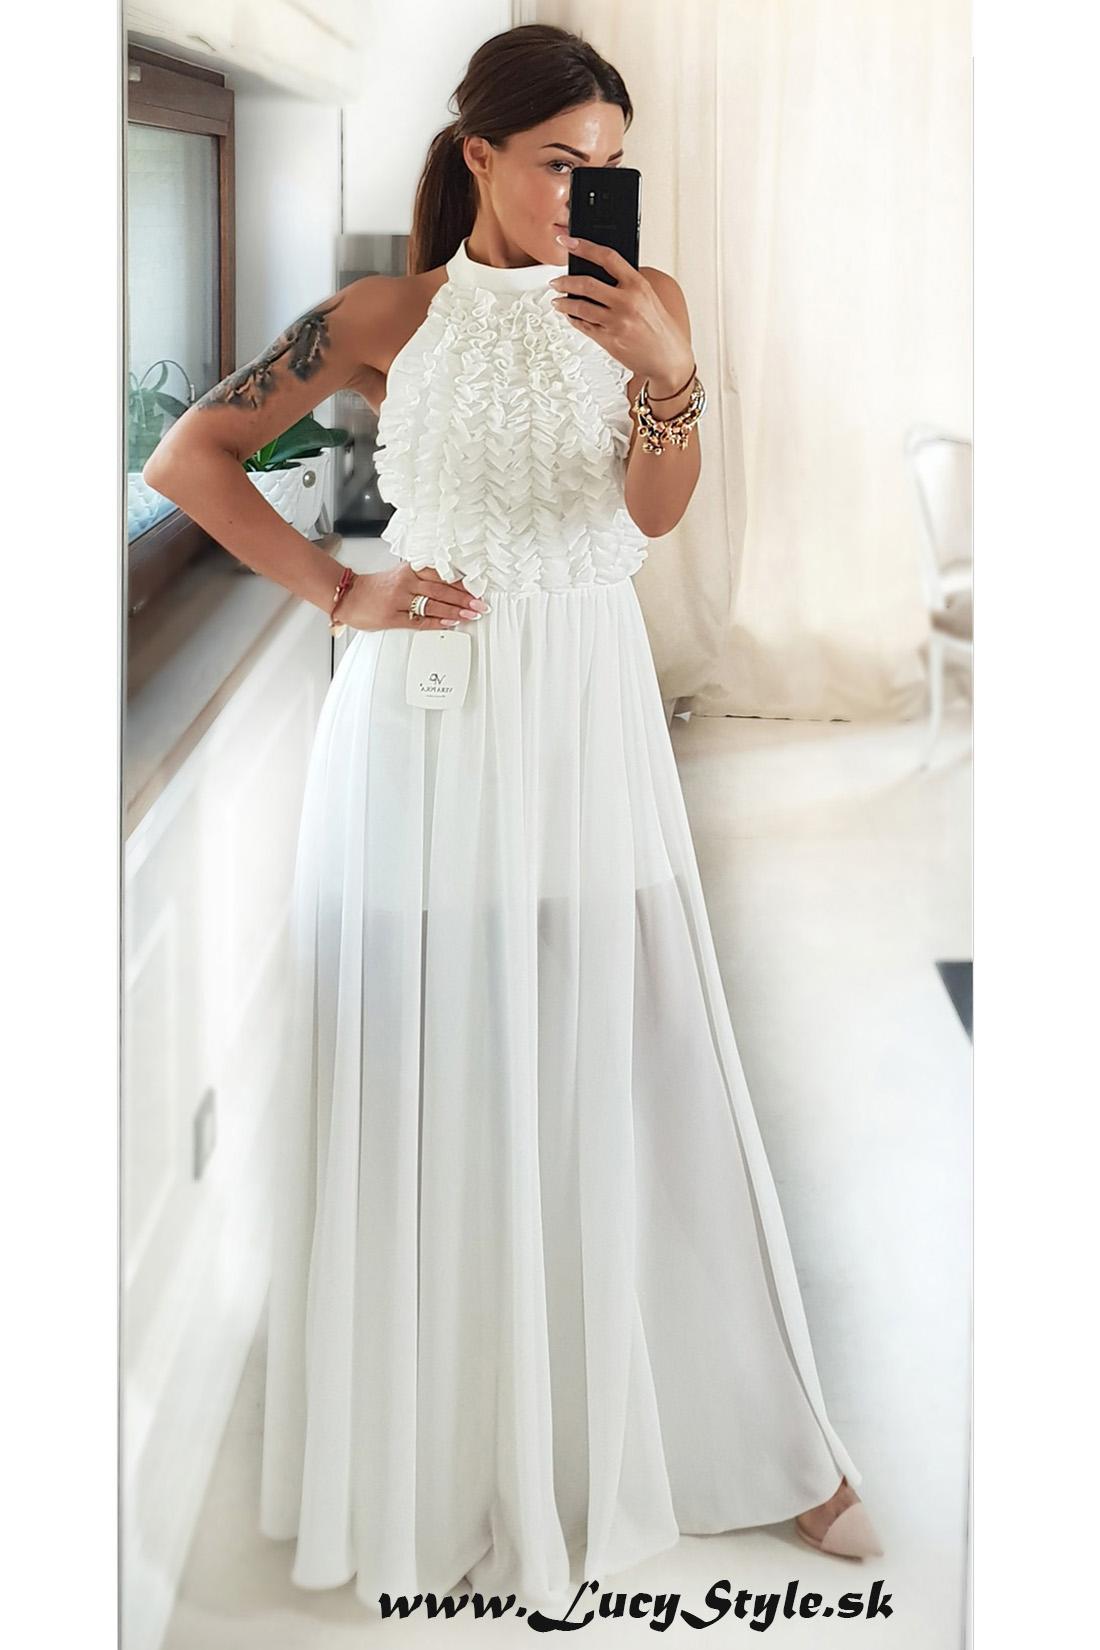 723cd9ee4217 Luxusné spoločenské dámske šaty